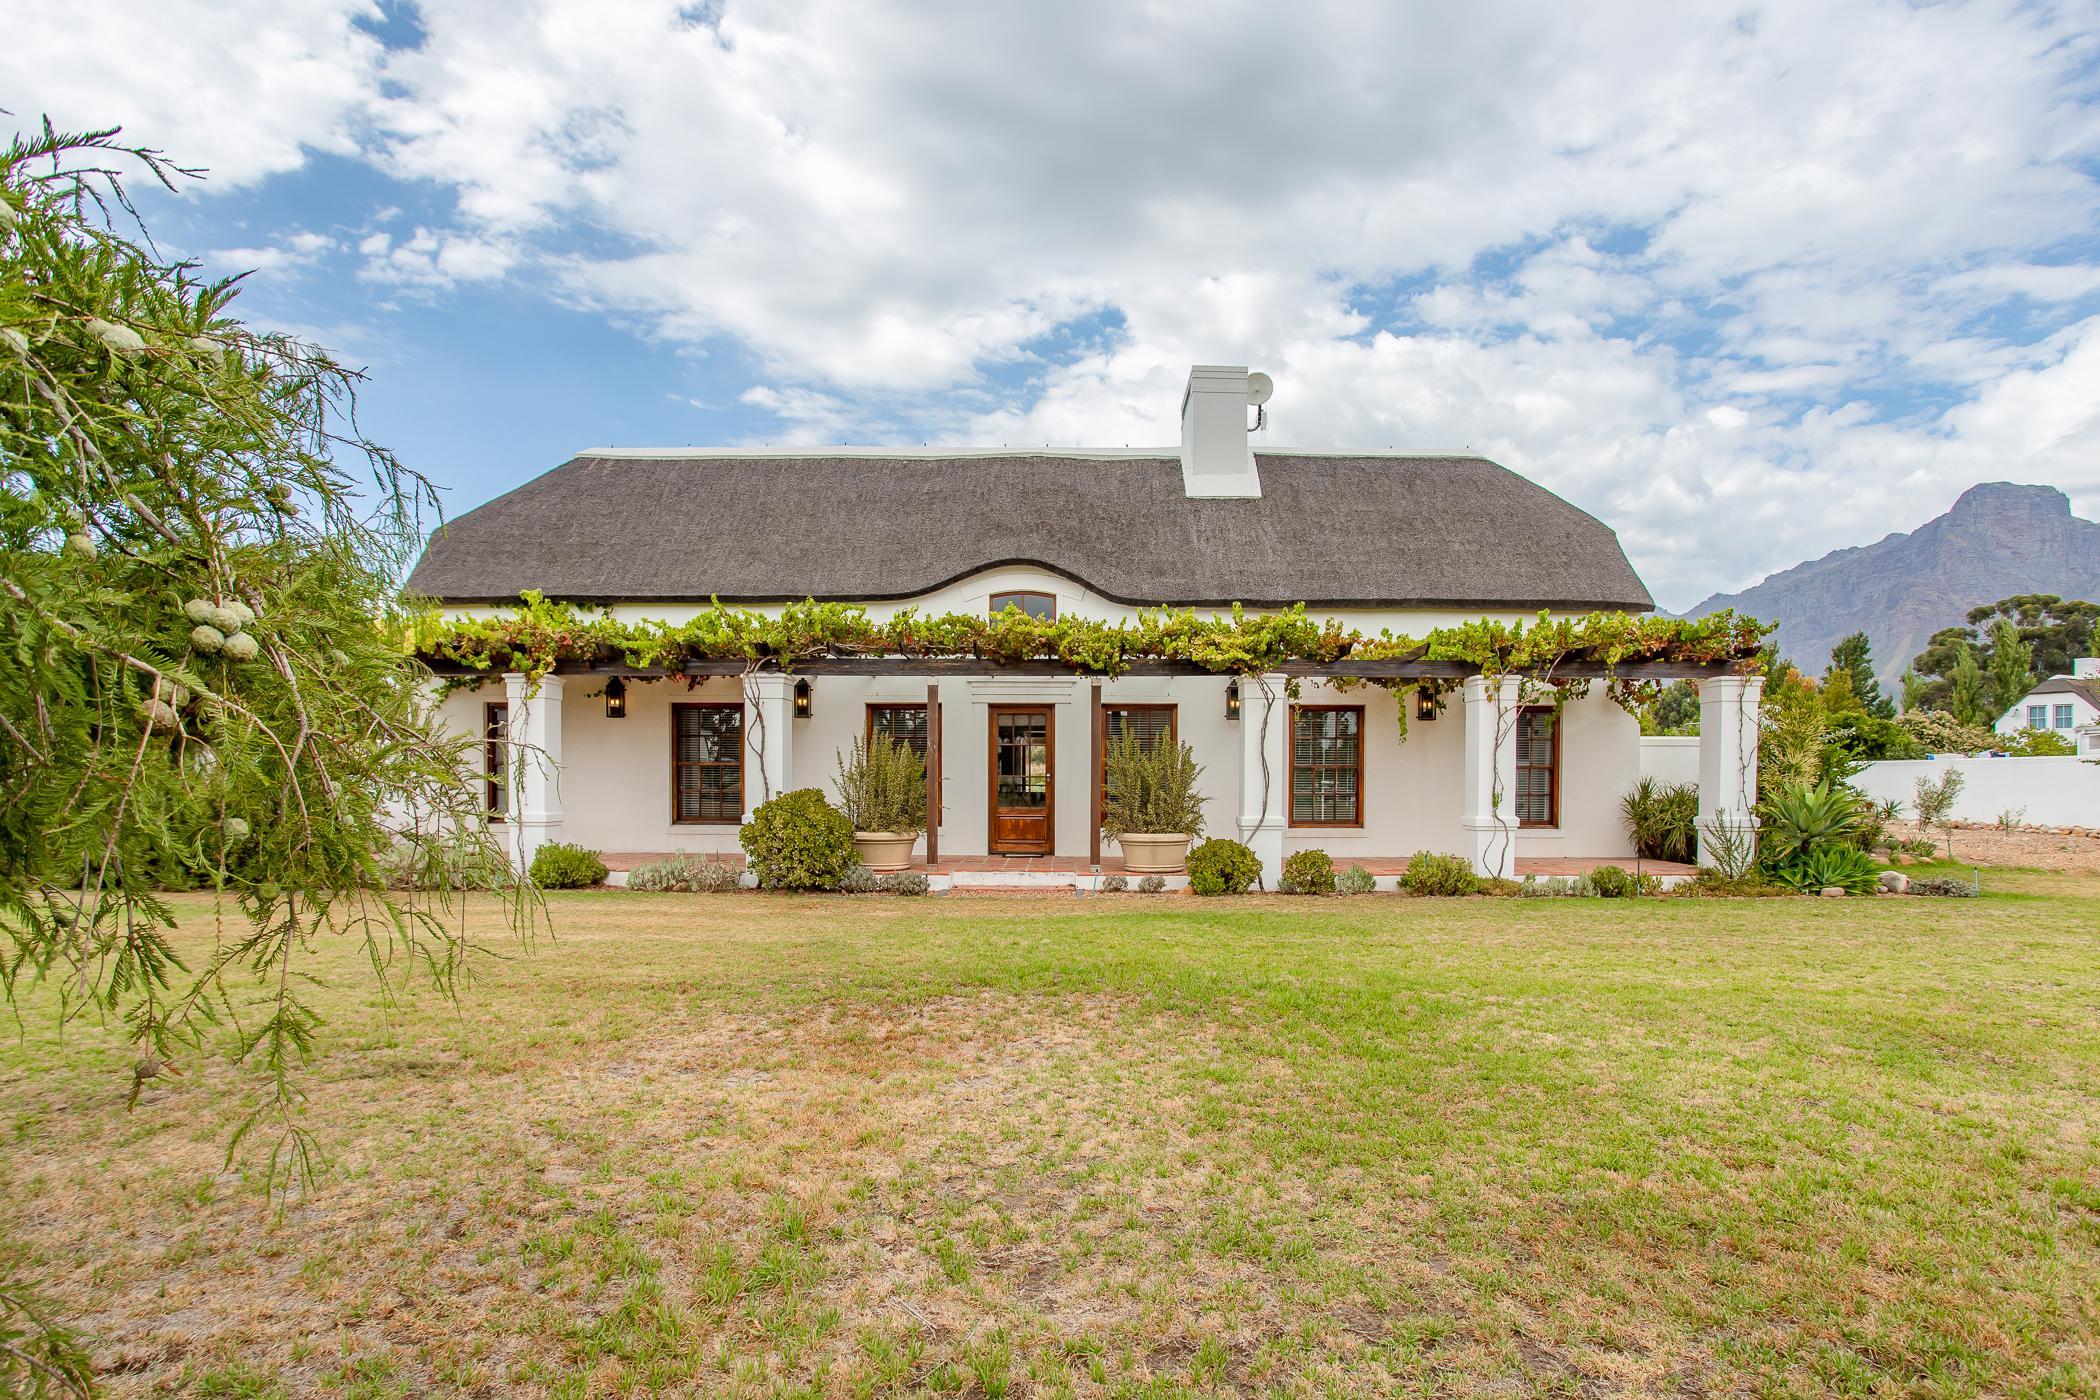 4 bedroom house for sale in Deltacrest